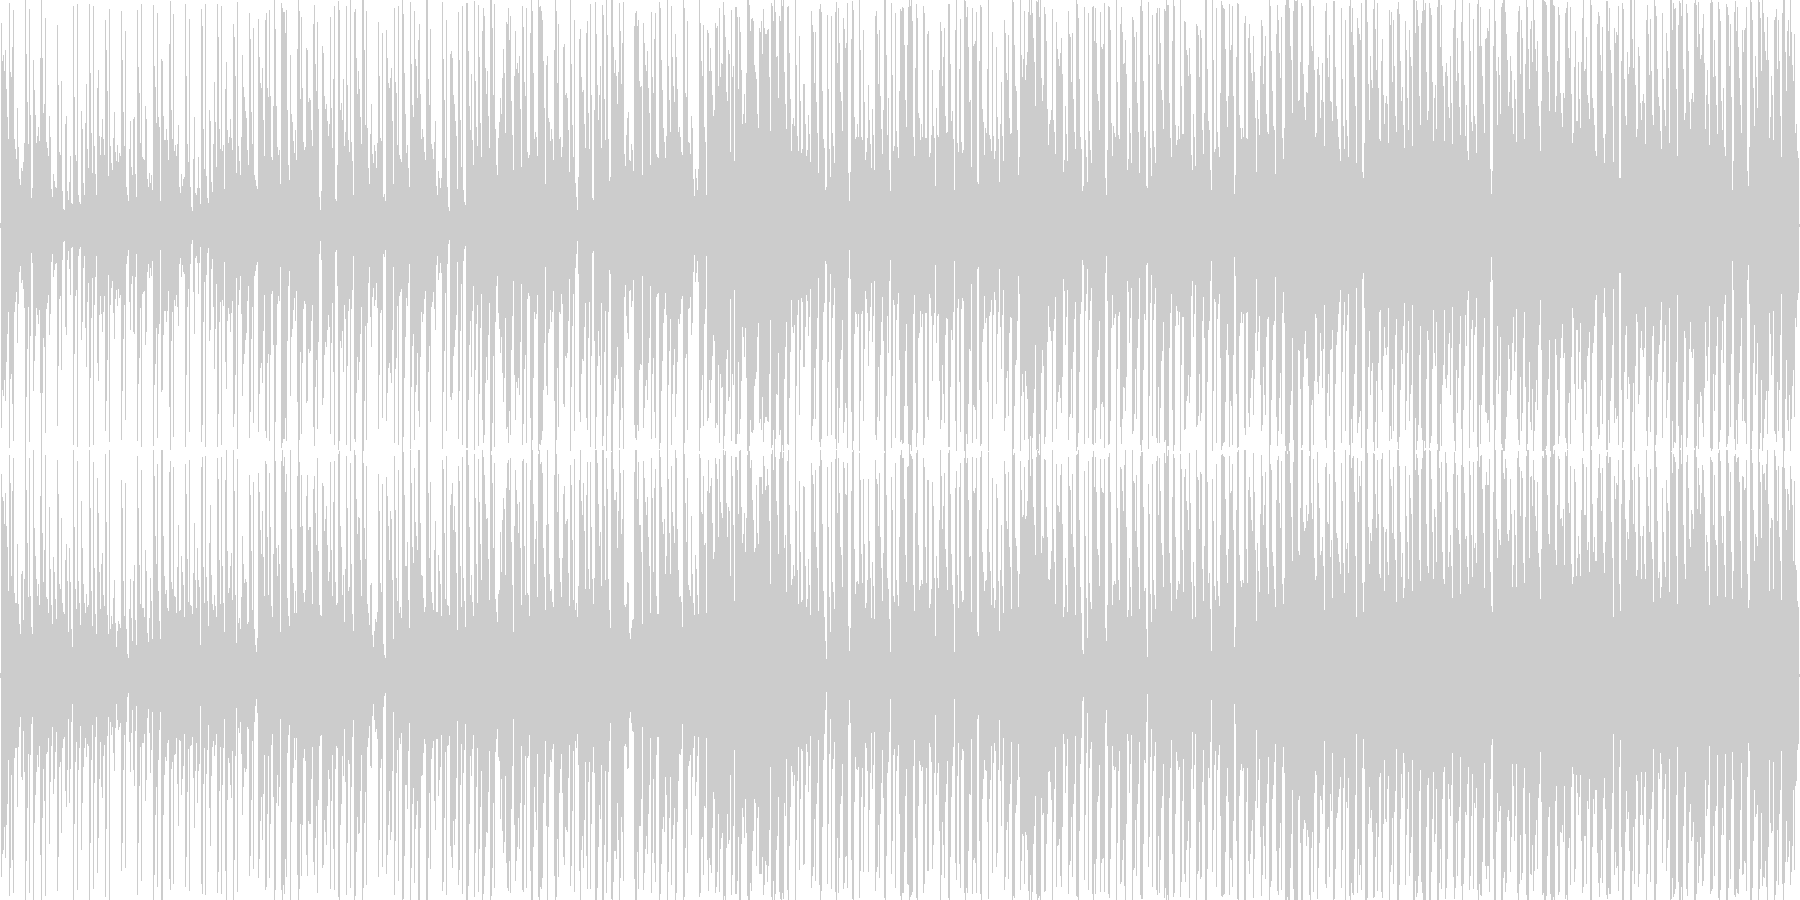 リズミカルで少し焦らせるようなBGMの未再生の波形